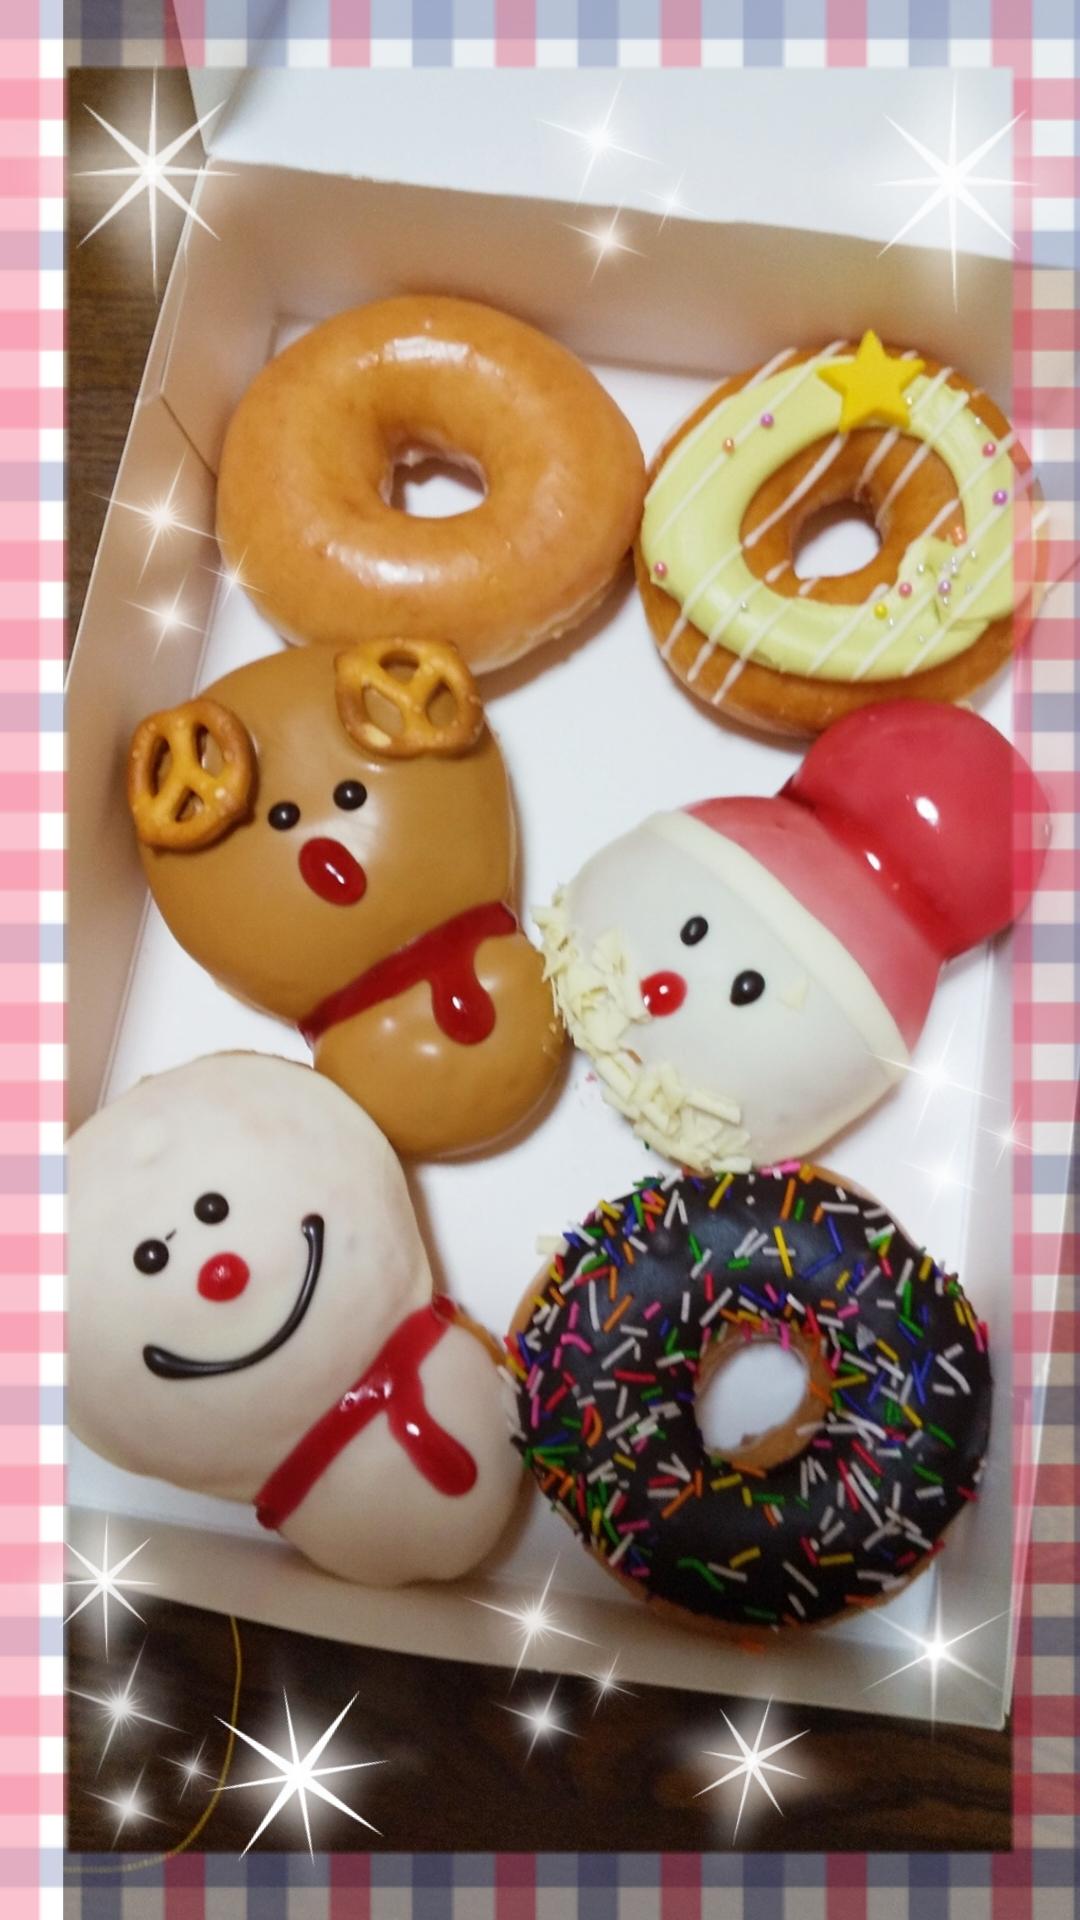 【一足先にクリスマス気分を】クリスピー・クリーム・ドーナツのBABY MERRY  Holidayがかわいすぎる!_1